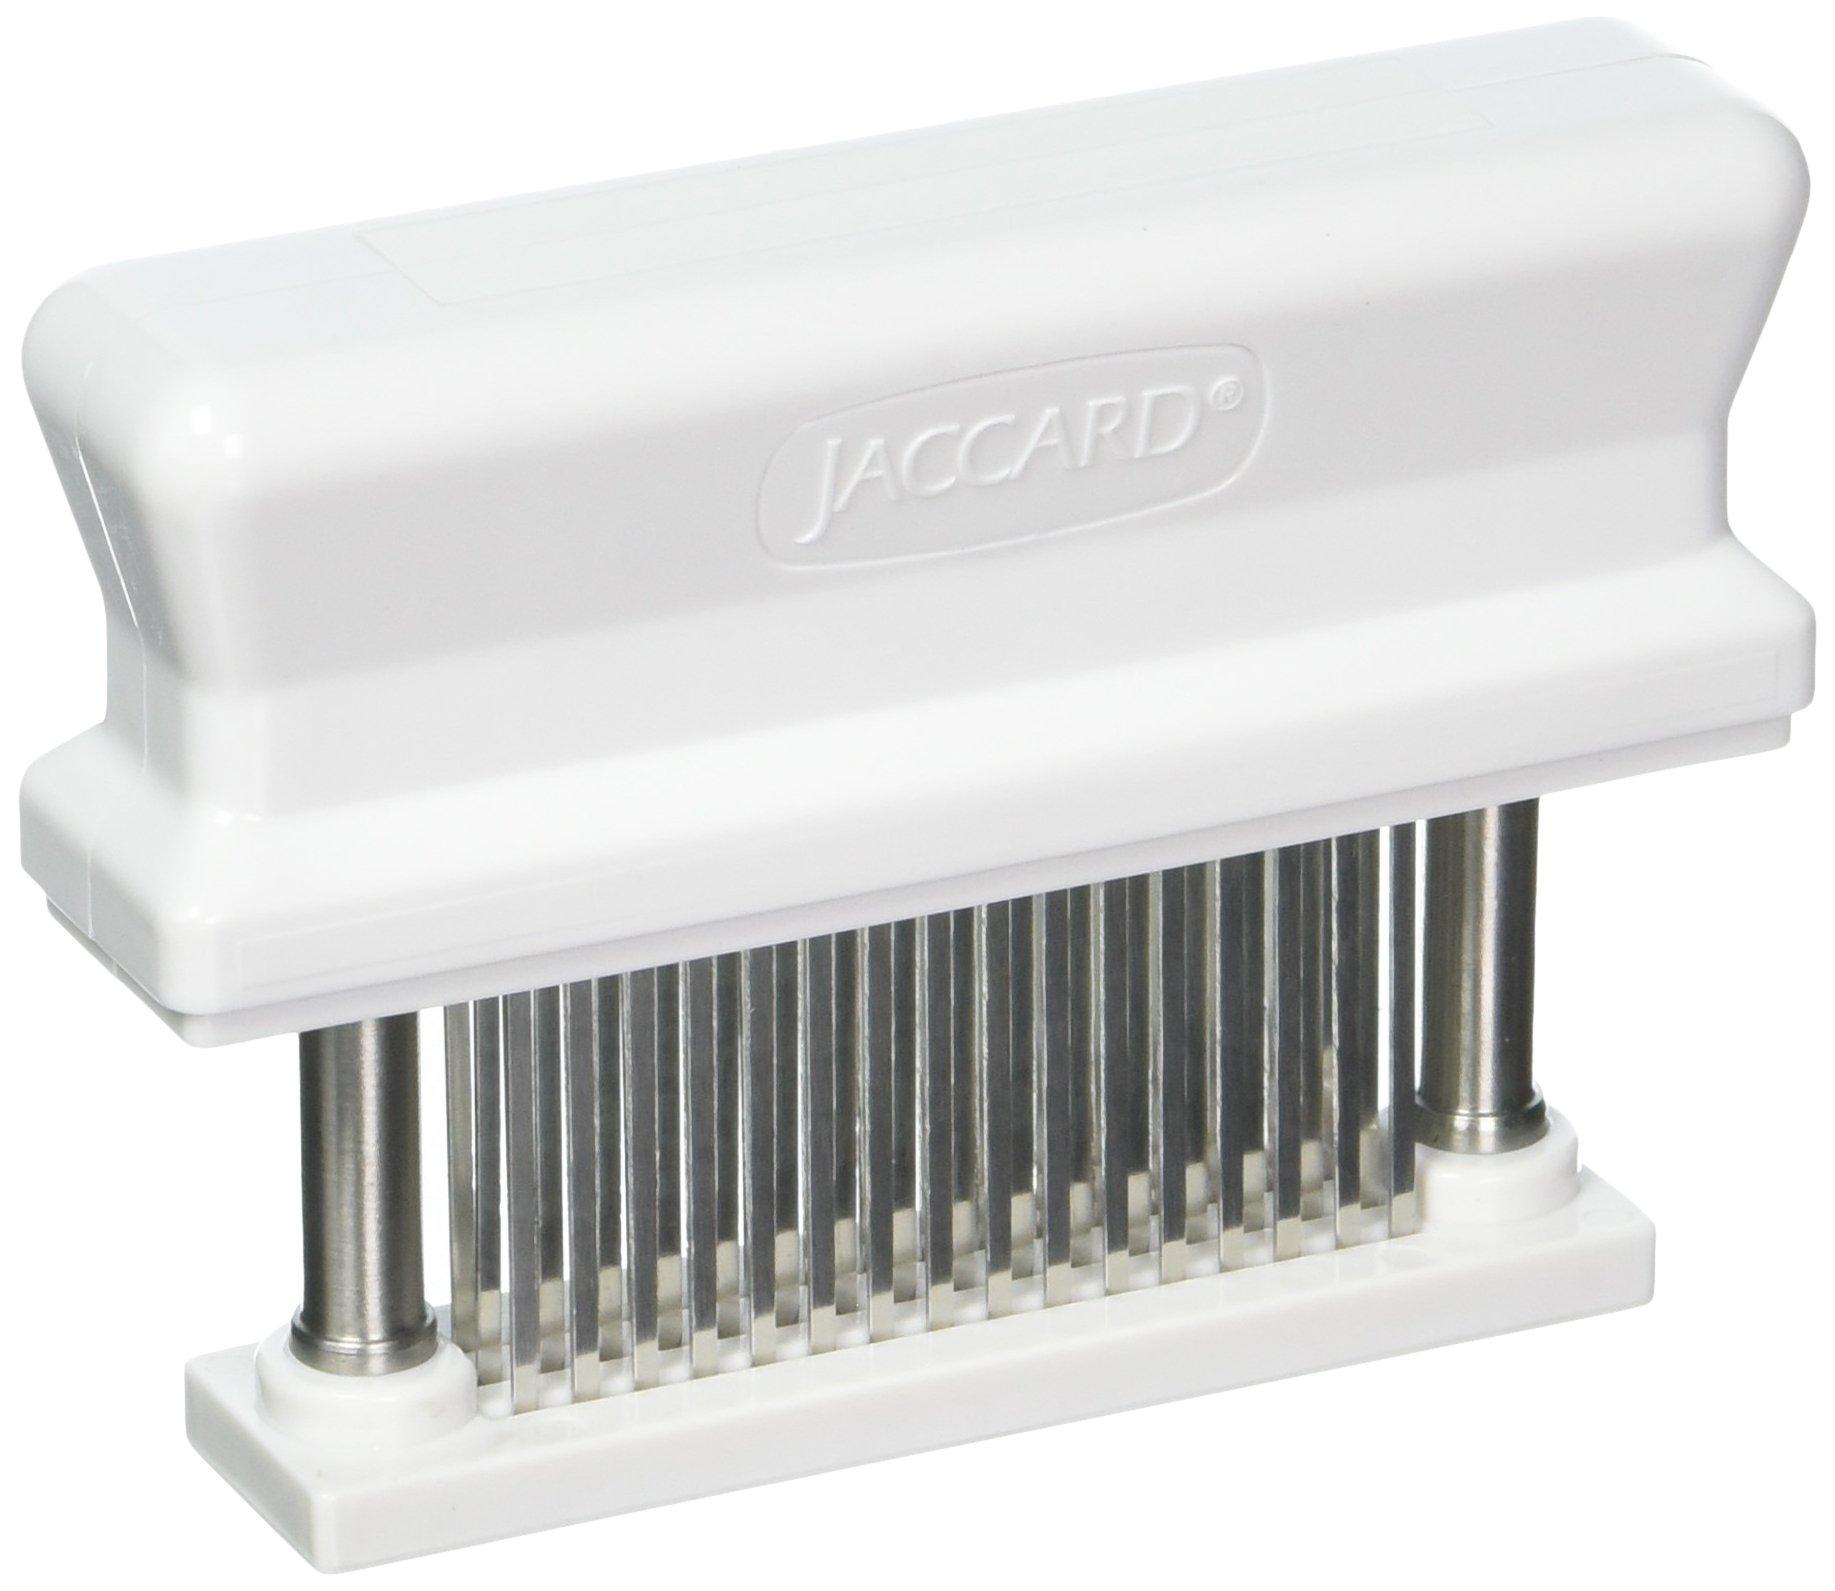 Jaccard Supertendermatic 48-Blade Tenderizer by Jaccard